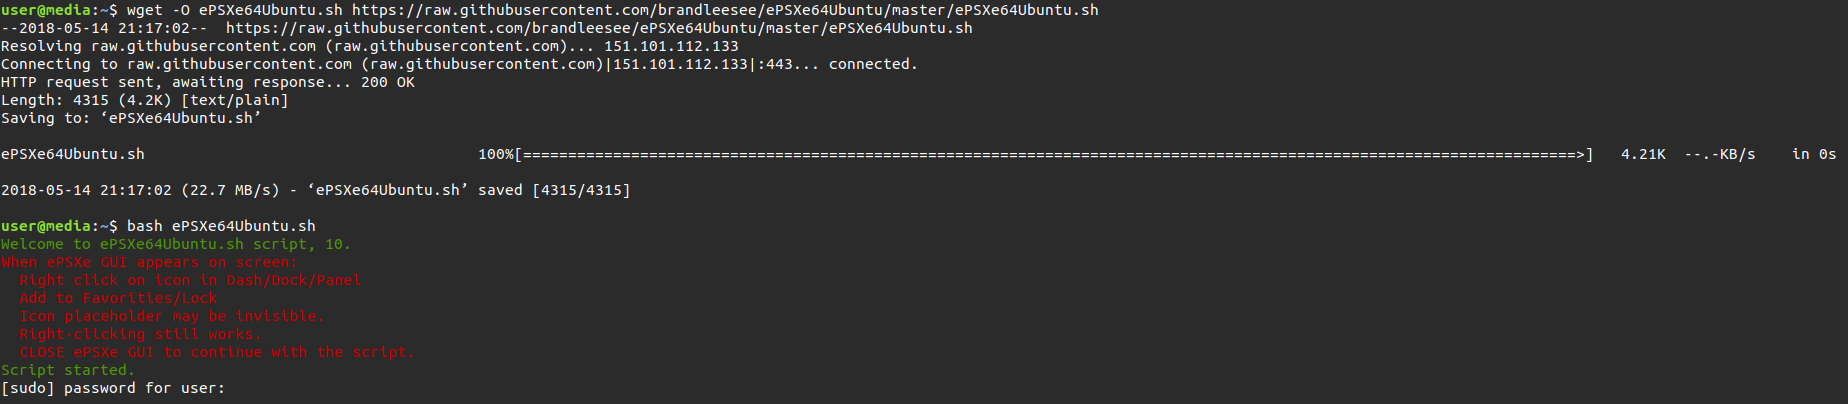 GitHub - brandleesee/ePSXe64Ubuntu: Install ePSXe Linux (x64